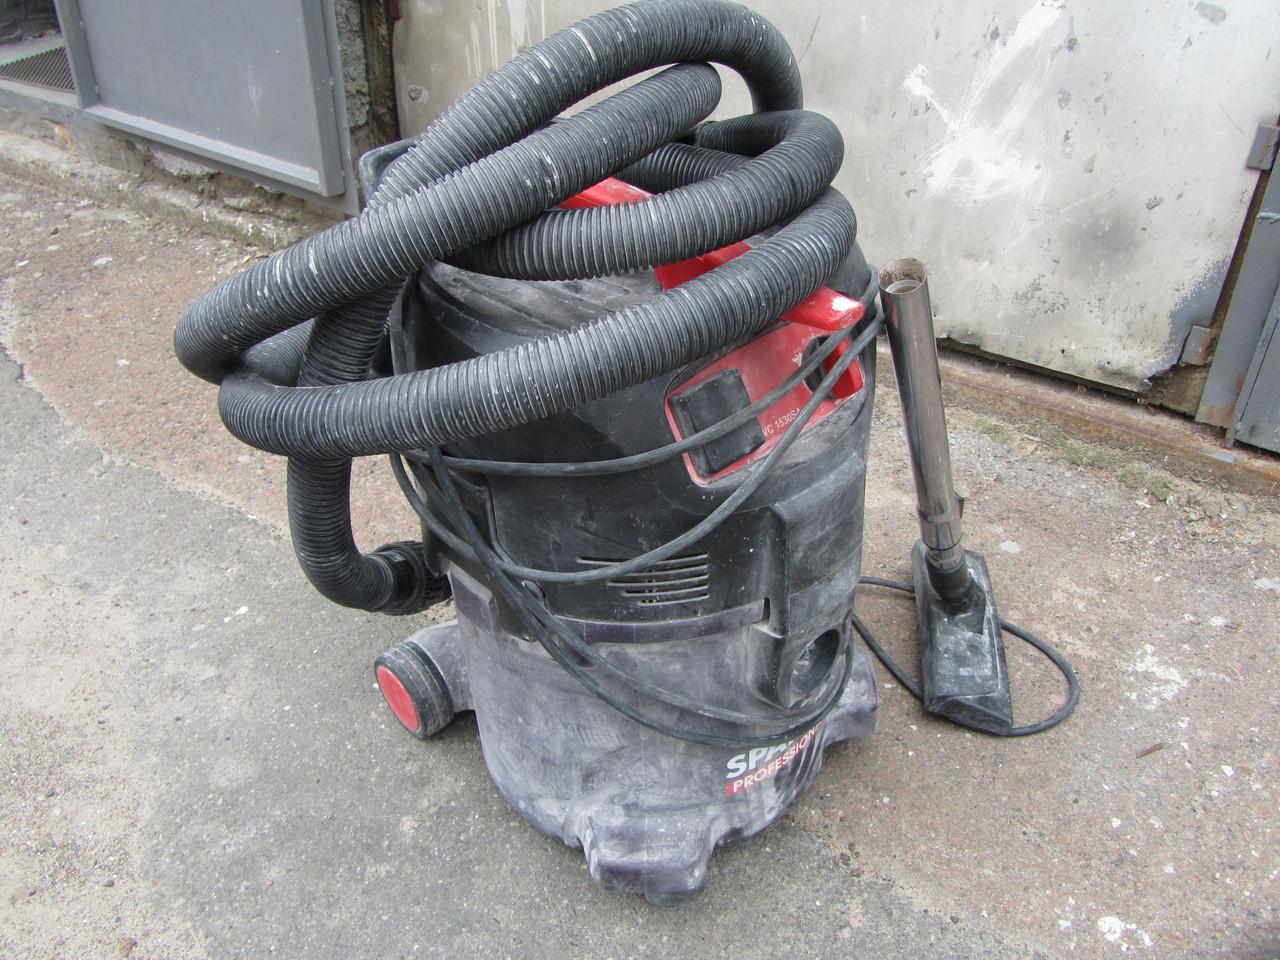 Промышленный пылесос строительный Sparky VC1530SA для сухой уборки